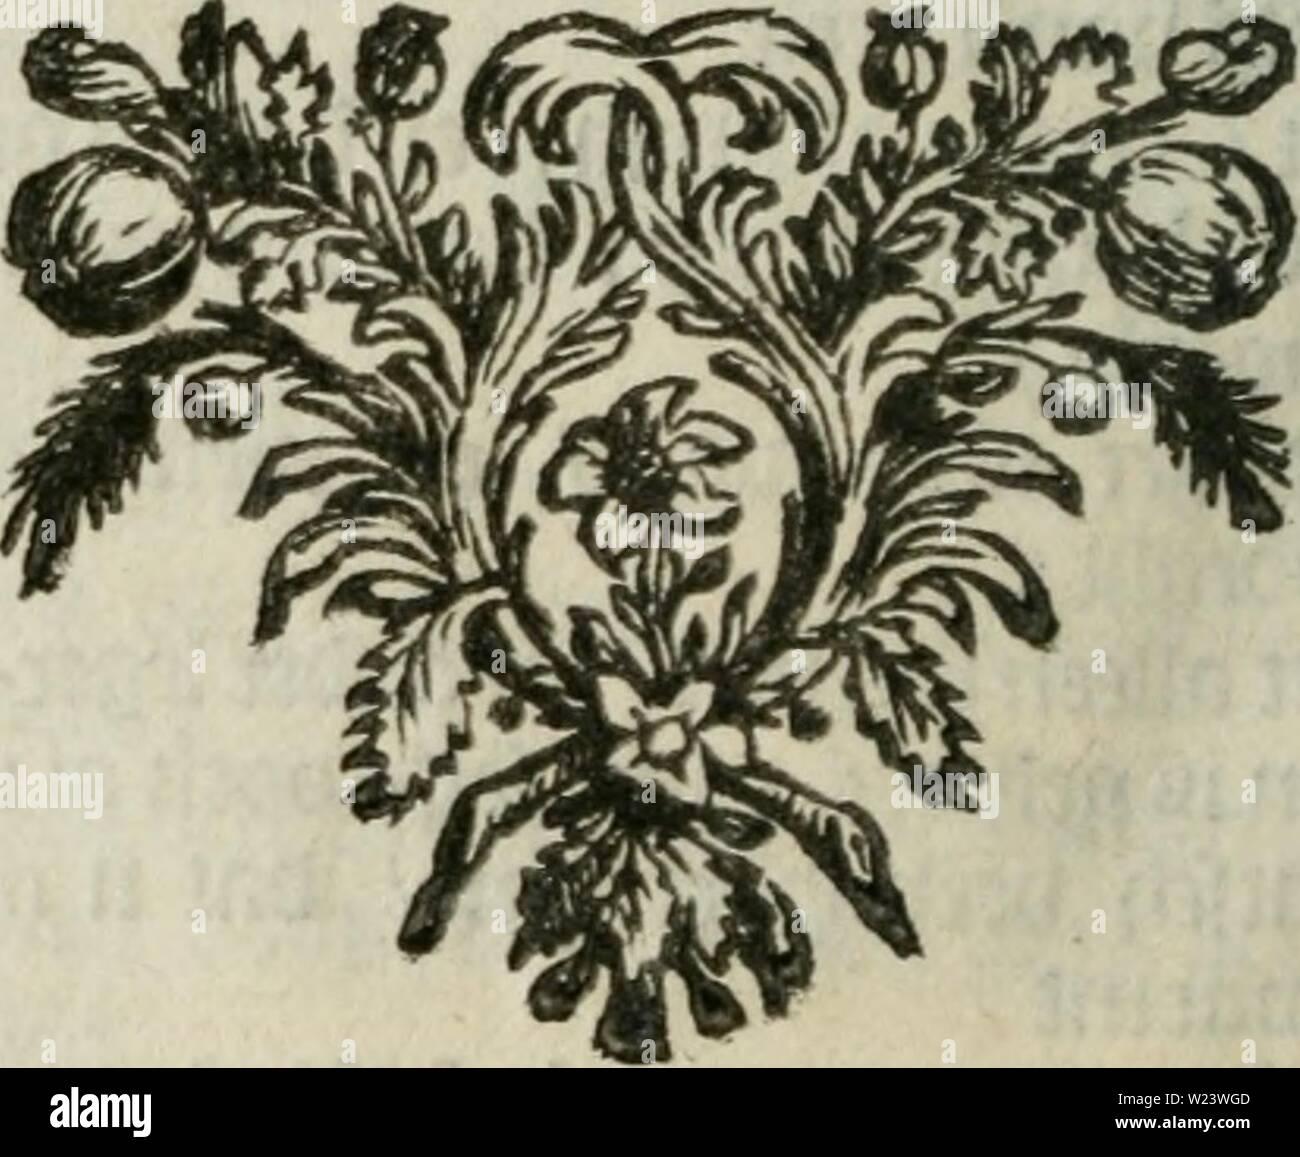 """Image d'archive à partir de la page 185 de De drie t'zamenspraeken Waermondt tusschen. De drie t'zamenspraeken Waermondt Gaergoedt tusschen en plus, de l'op- en ondergang van Floraes bezwaarden la SLA; la flore de zotte bollen, Troost-mémoire, registre en geächte hyacinten der tegenwoordige meest, zelver prysen der rencontré. Verciert in de prent curieuse. Cette tweden vermeerdert druck en van gezuyvert dedrietzamenspra veele fauten00haer Année: 1734 gactom teöen 17 rencontré gp u te cecfjt berfïoo toe öe?oo / tocDct gclych fal icii Doen iel"""" jifêft ijcb U002 mê bol gctocnfcljten toeec luft uto bolle lufr/ toefen biijüc gch Di Photo Stock"""